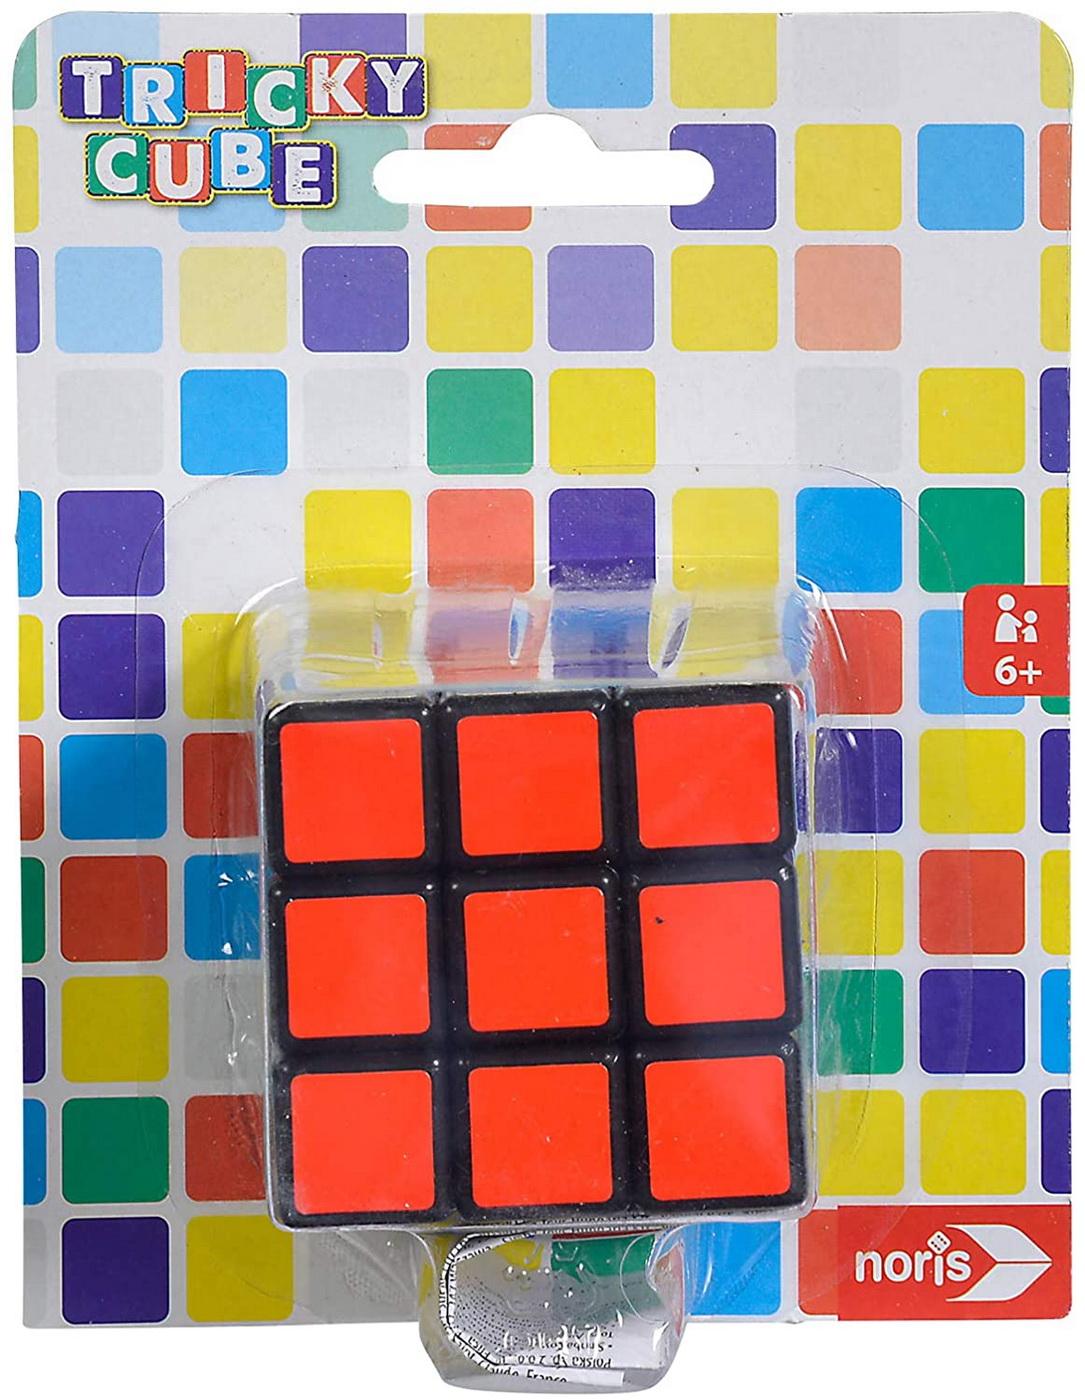 Cub Logic 3×3